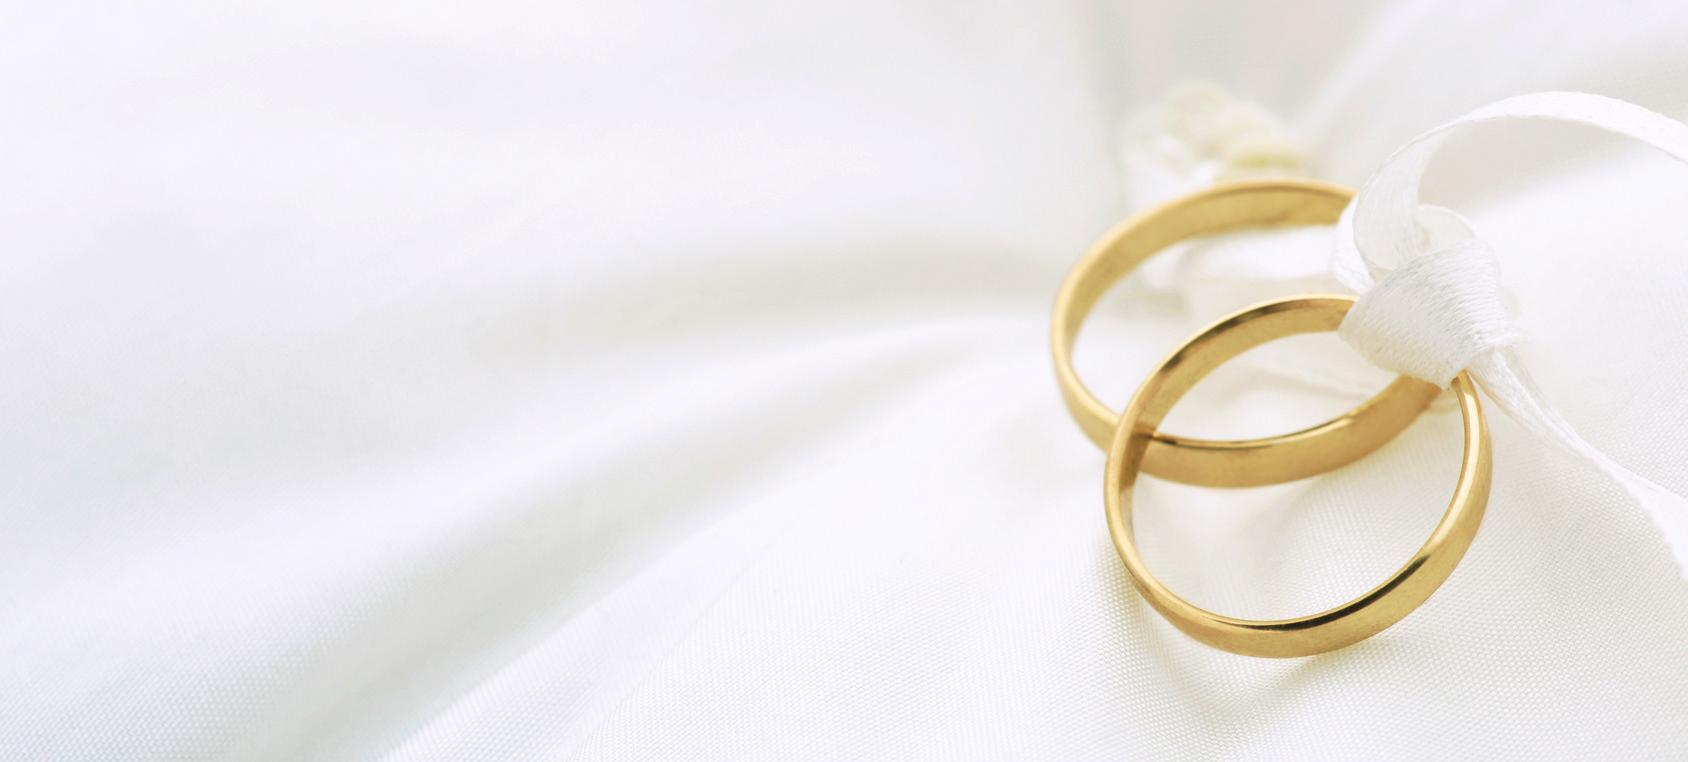 Verlobungsringe kaufen oder selber gestalten